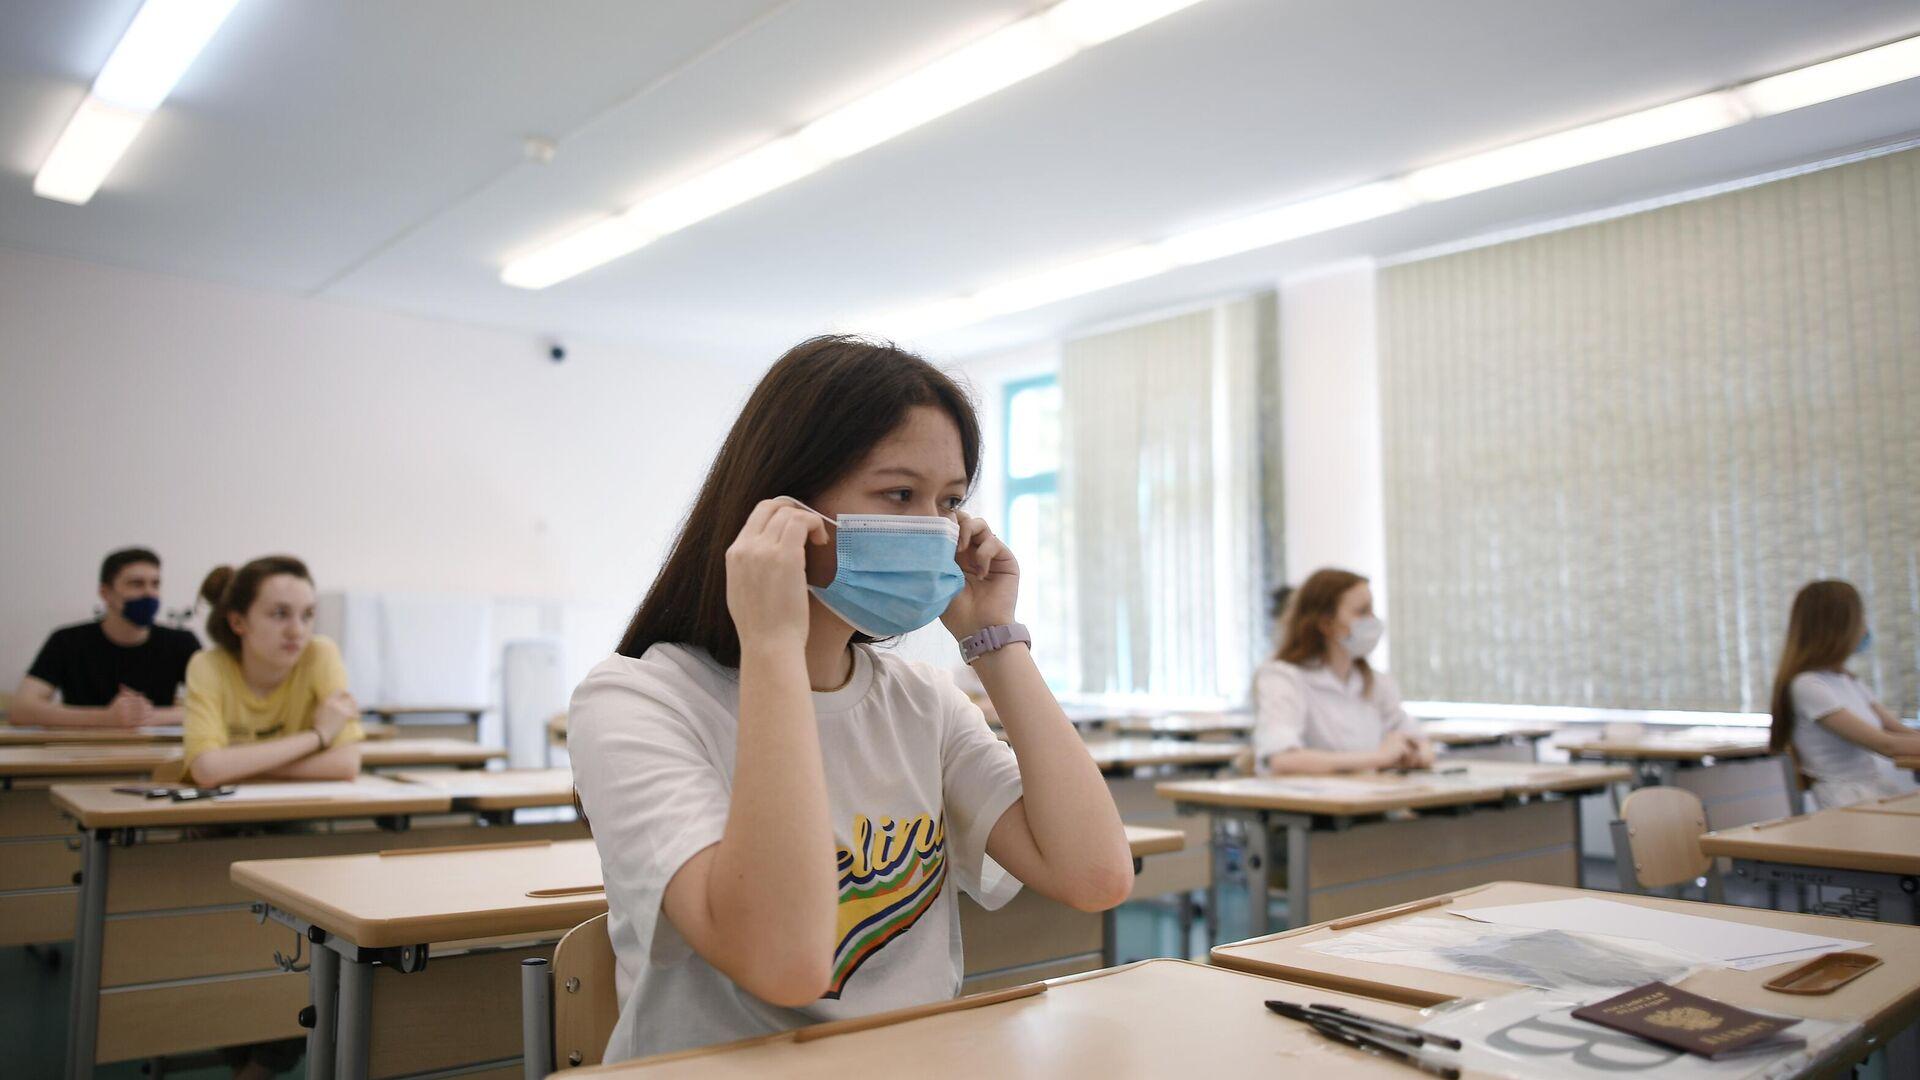 Ученики школы №2030 перед началом сдачи единого государственного экзамена по литературе - РИА Новости, 1920, 05.02.2021